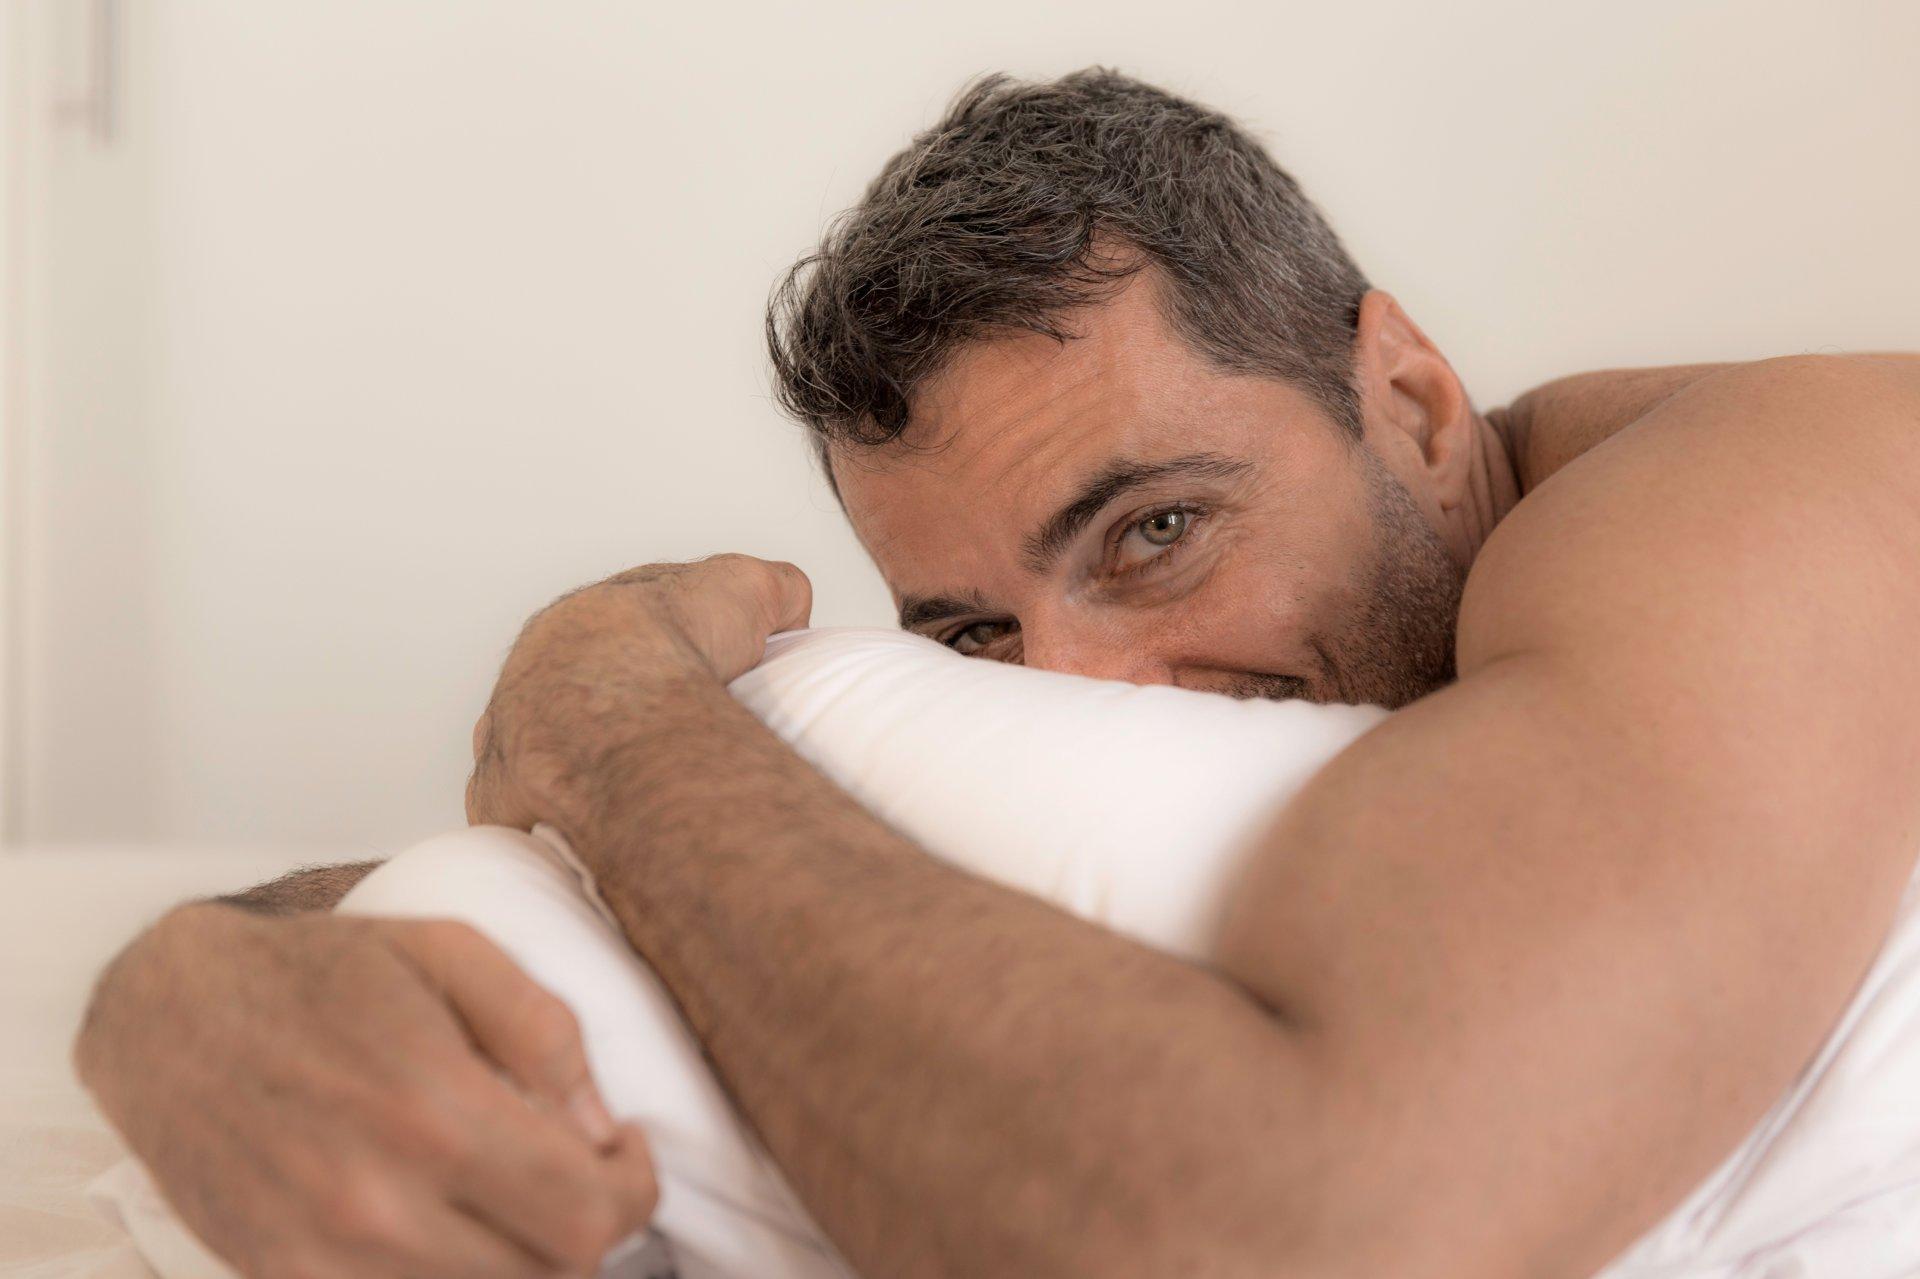 mano vyras ryte neturi erekcijos kaip greitai atnaujinti erekciją